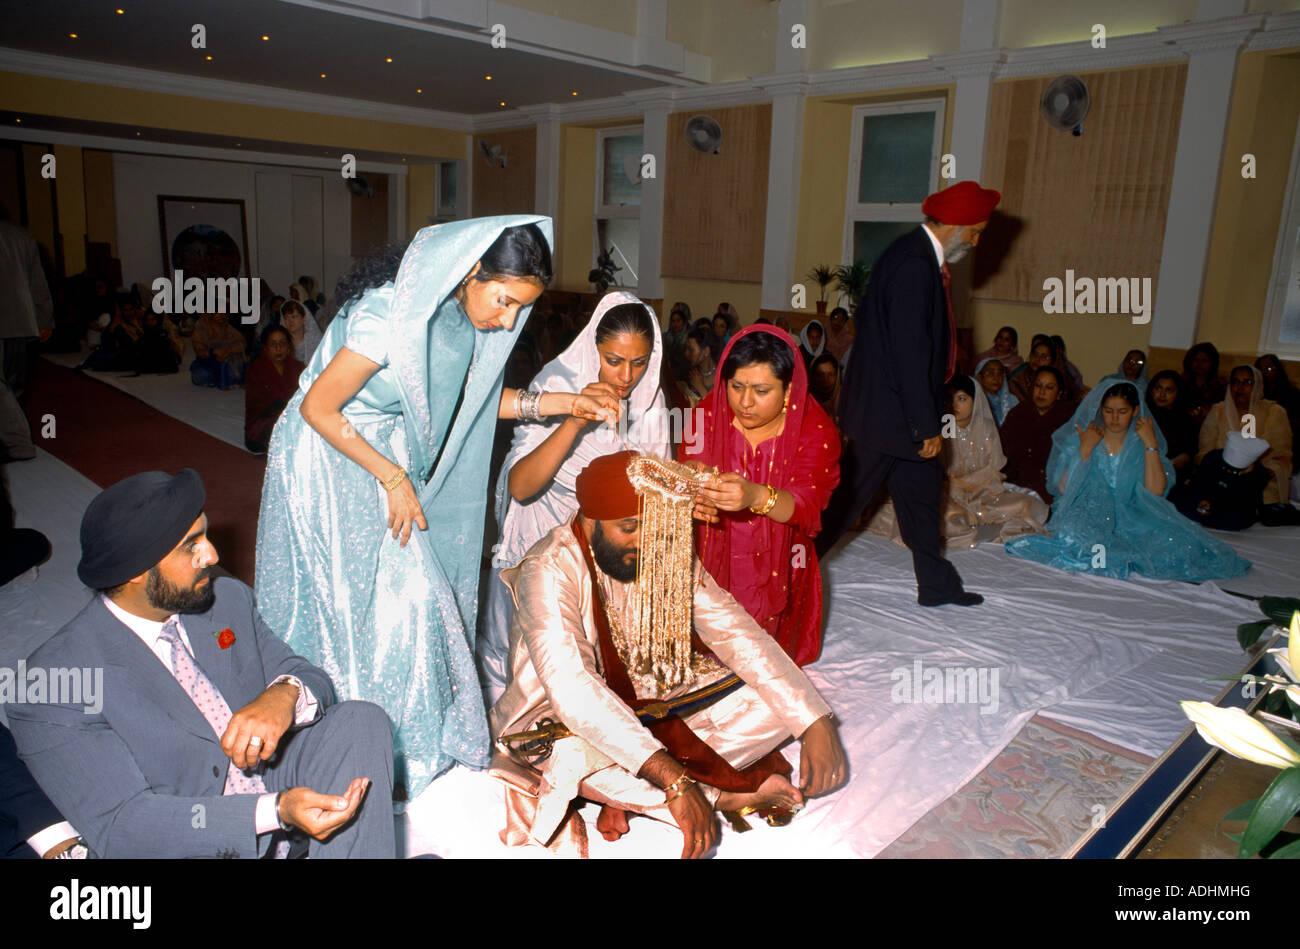 Sikh Gurdwara London Stock Photos & Sikh Gurdwara London